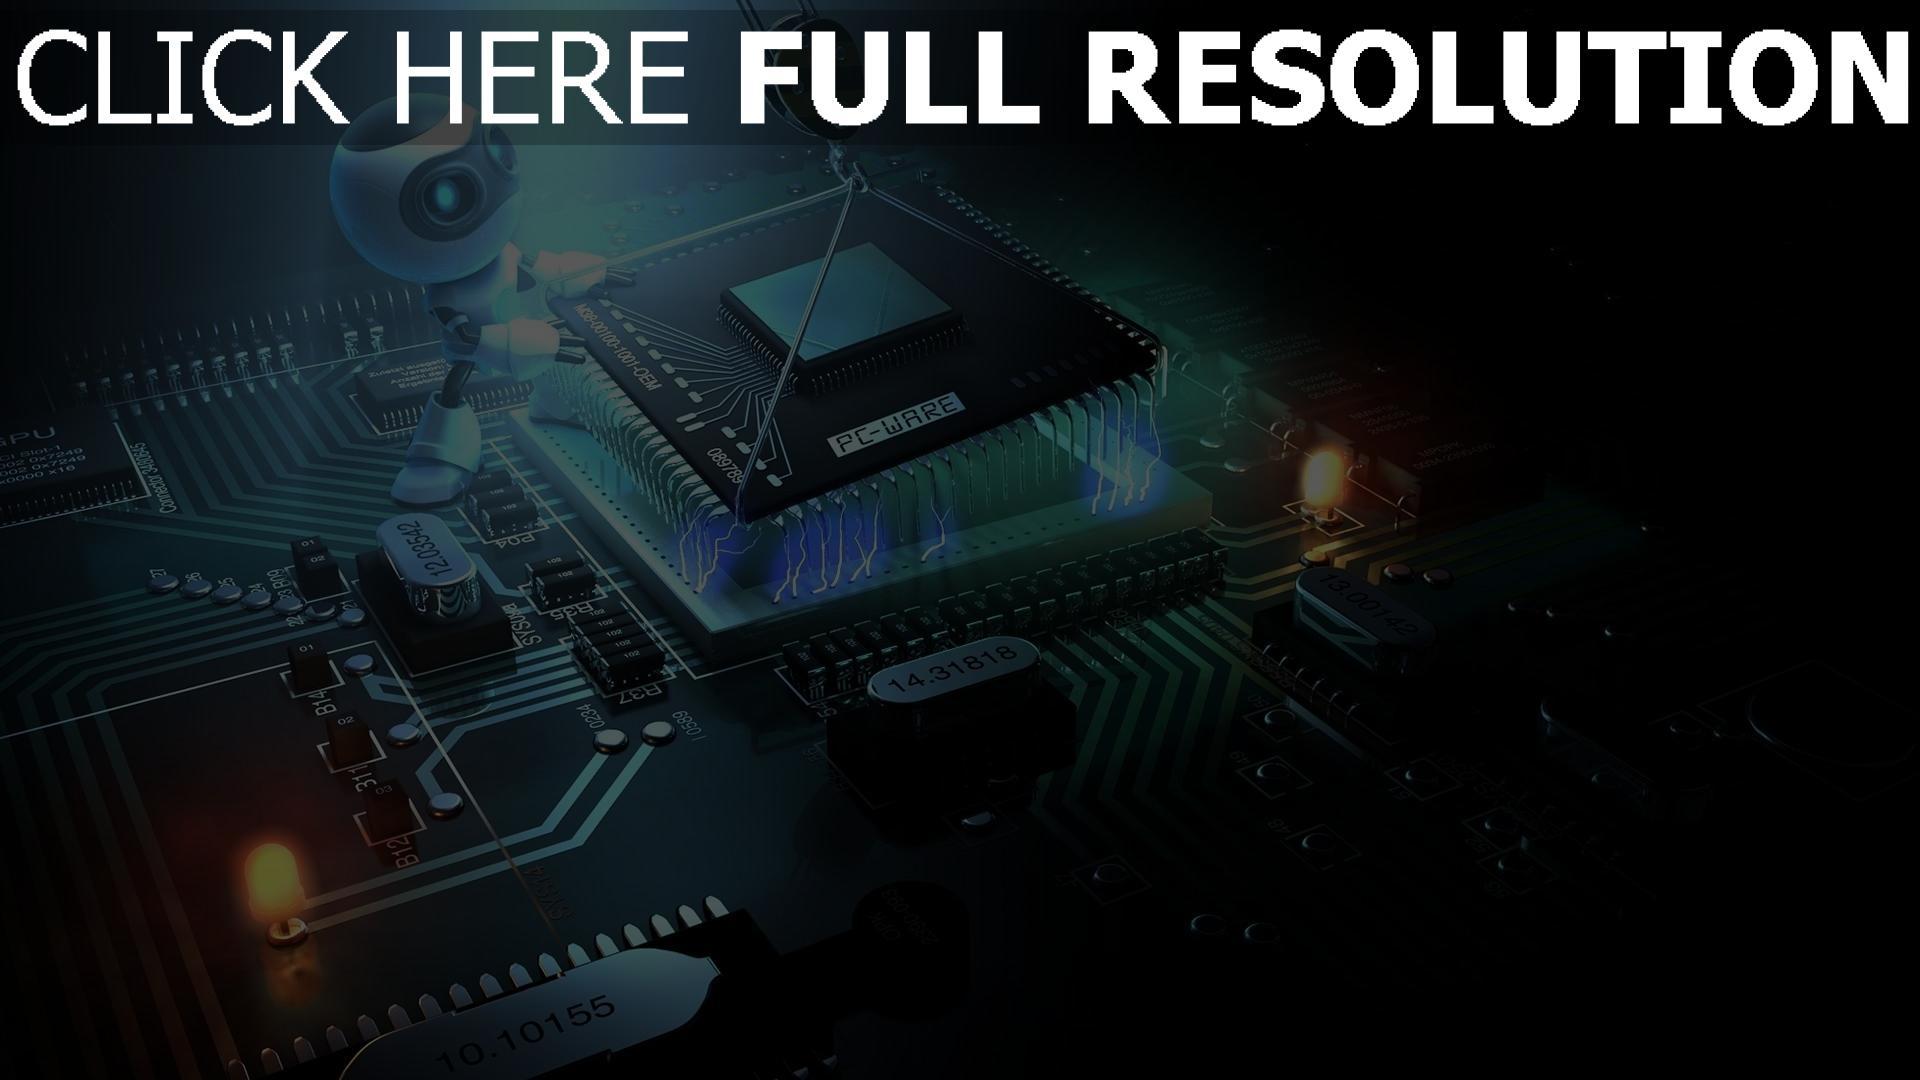 fond d'écran 1920x1080 processeur travail robot microcircuit